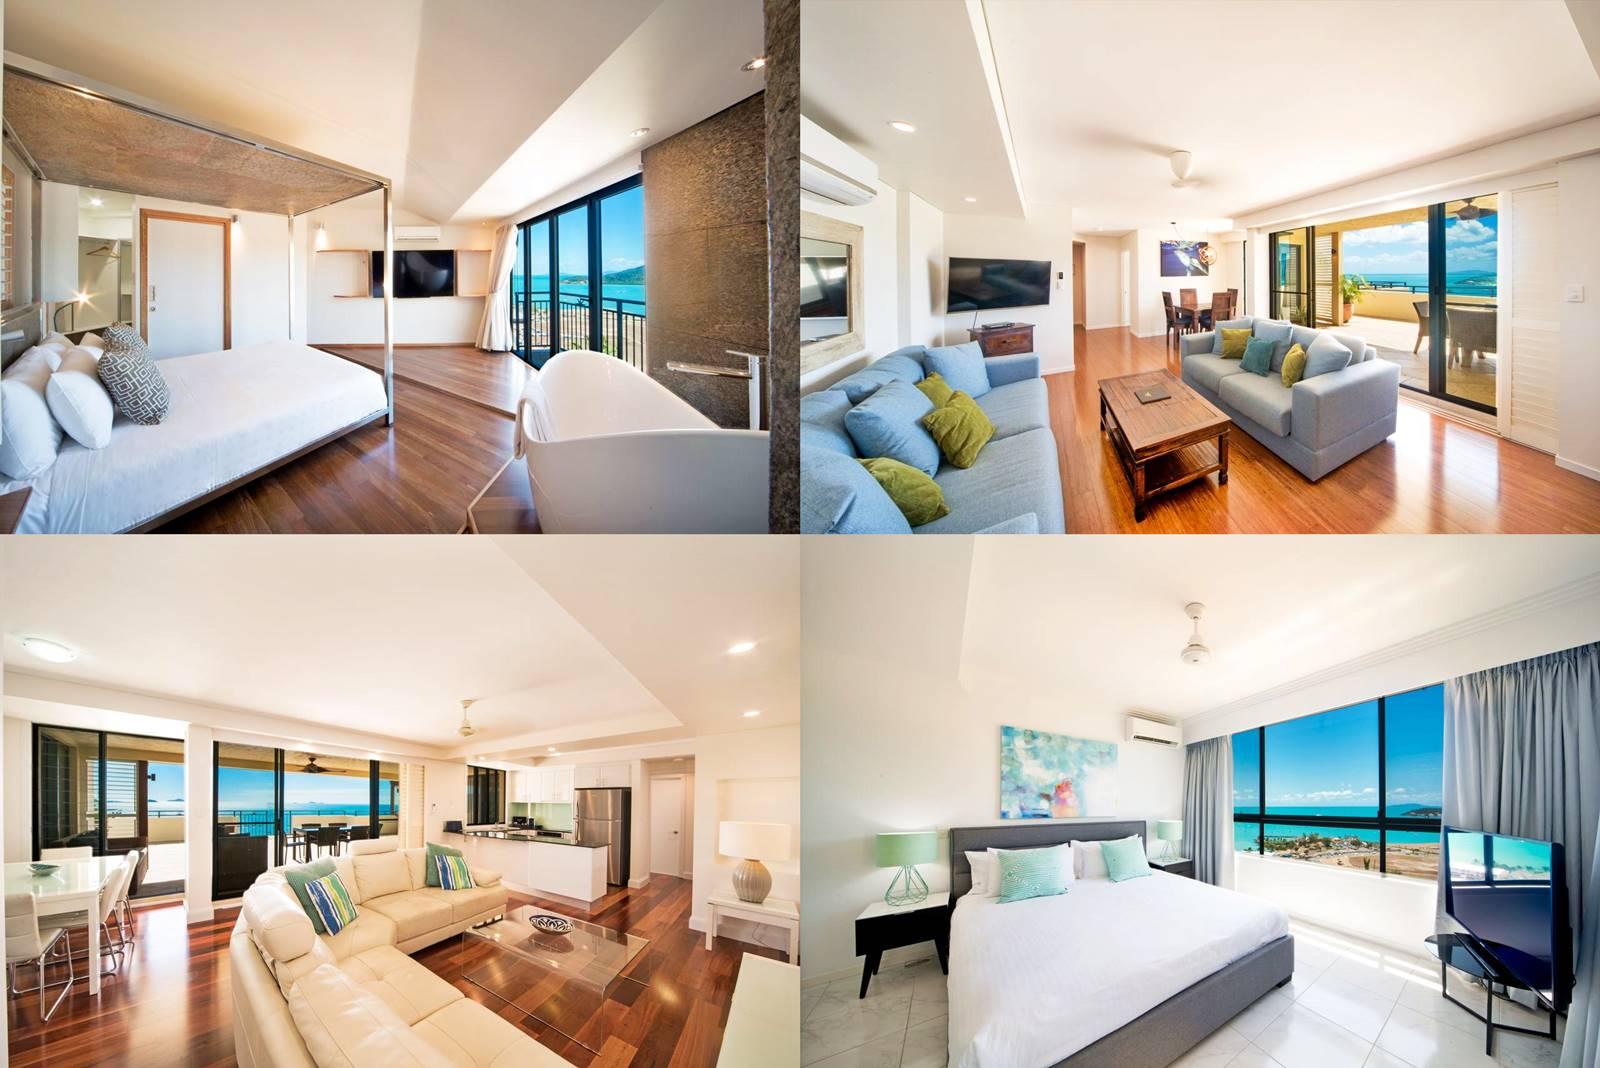 聖靈群島-艾爾利海灘-Airlie-Beach-住宿-推薦-Pinnacles-Resort-飯店-旅館-酒店-民宿-公寓-市區-自由行-便宜-CP值-澳洲-Best-Hotel-Whitsundays